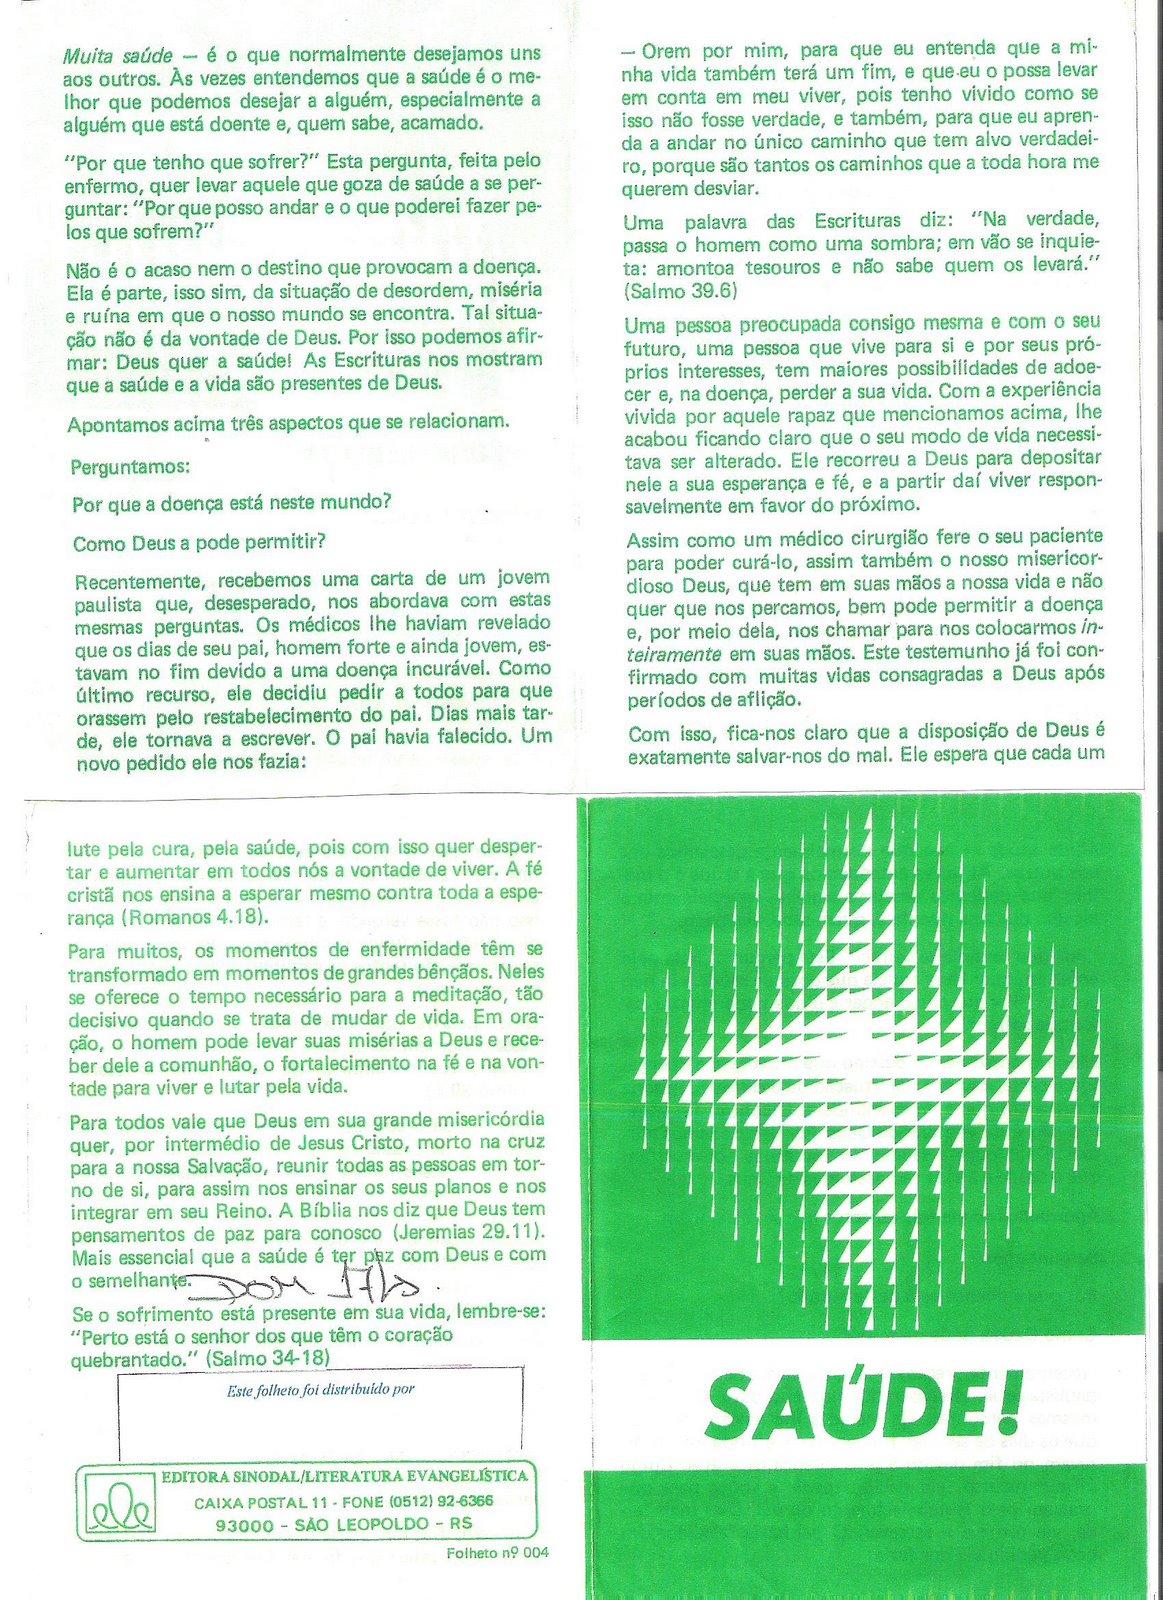 [Folheto+Saúde+(Editora+Sinodal)+001.jpg]